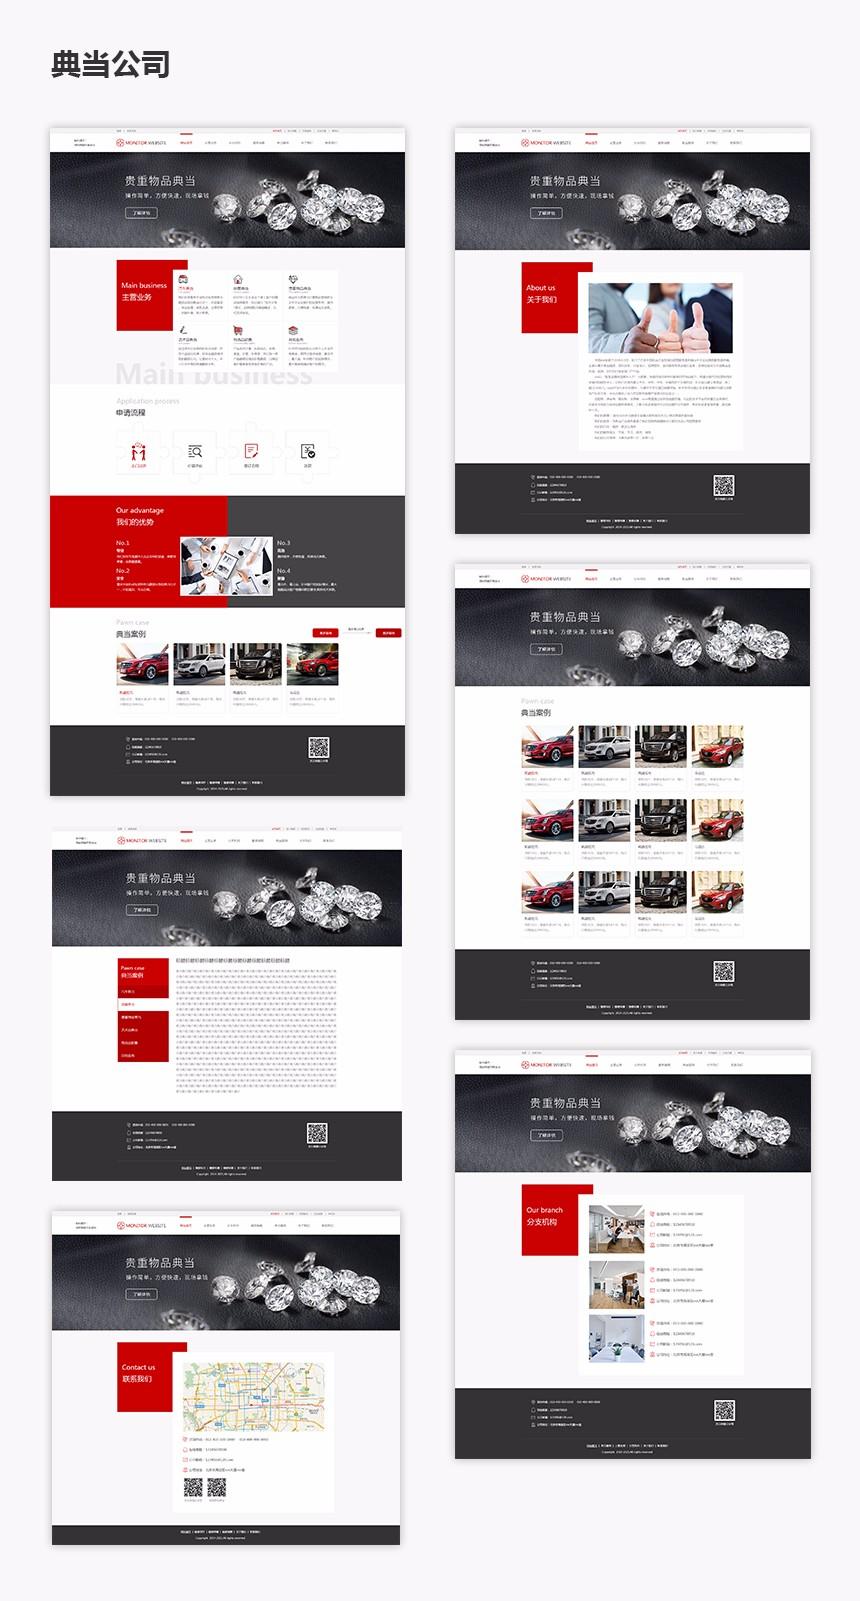 重庆典当公司典当行业网站建设.jpg